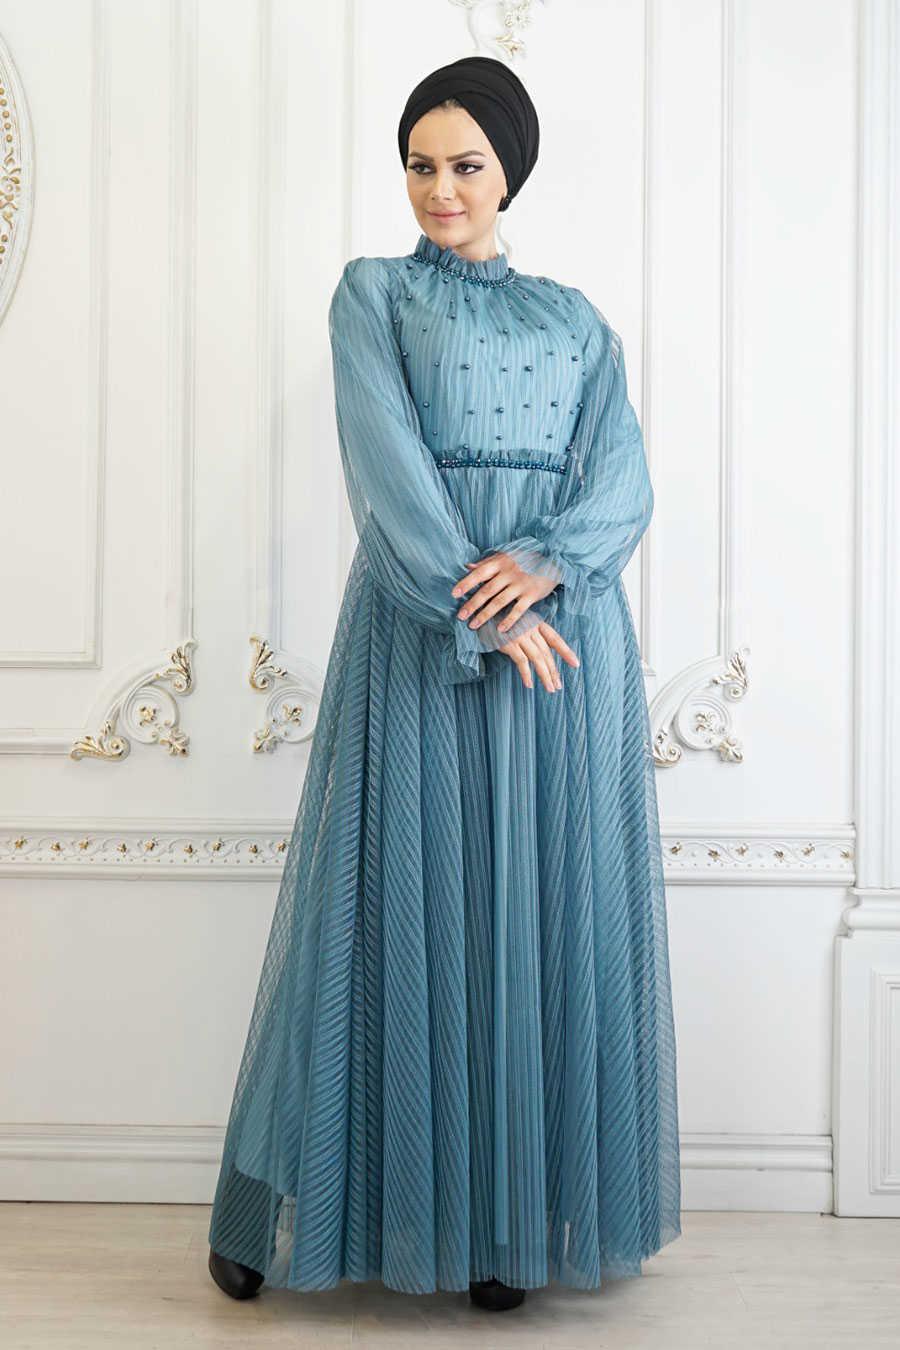 Almond Green Hijab Evening Dress 22450CY